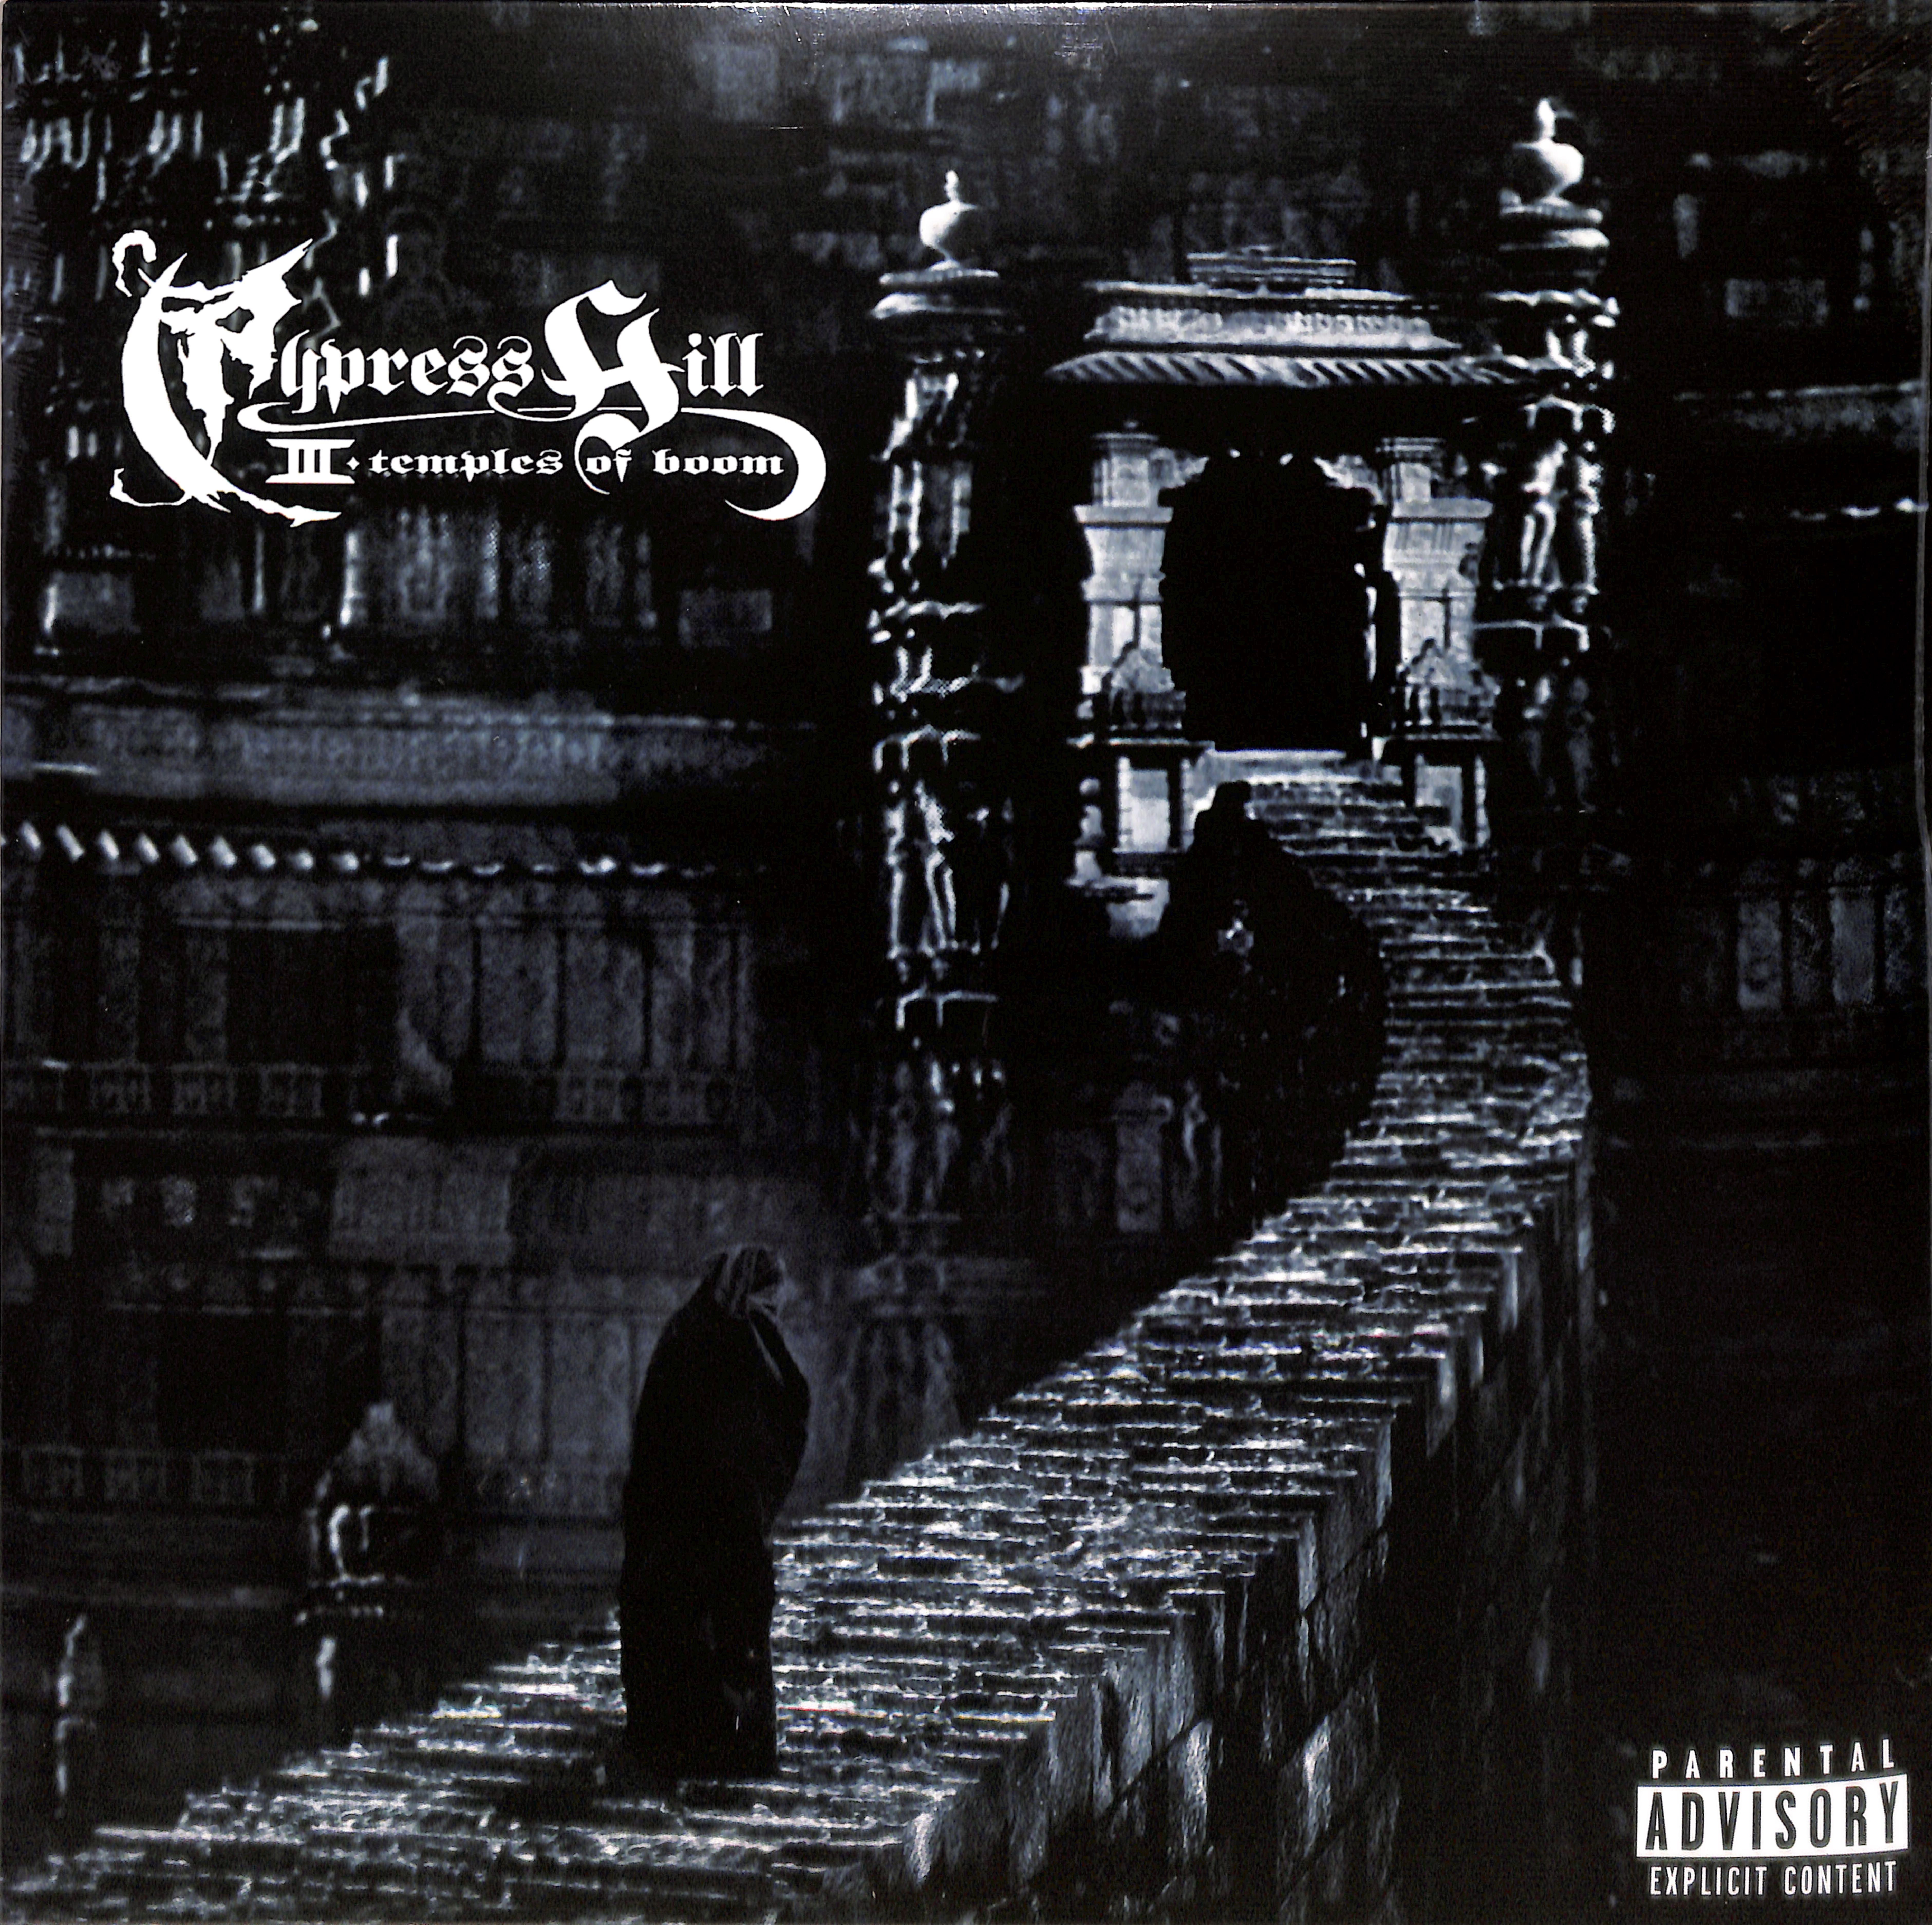 Cypress Hill - III